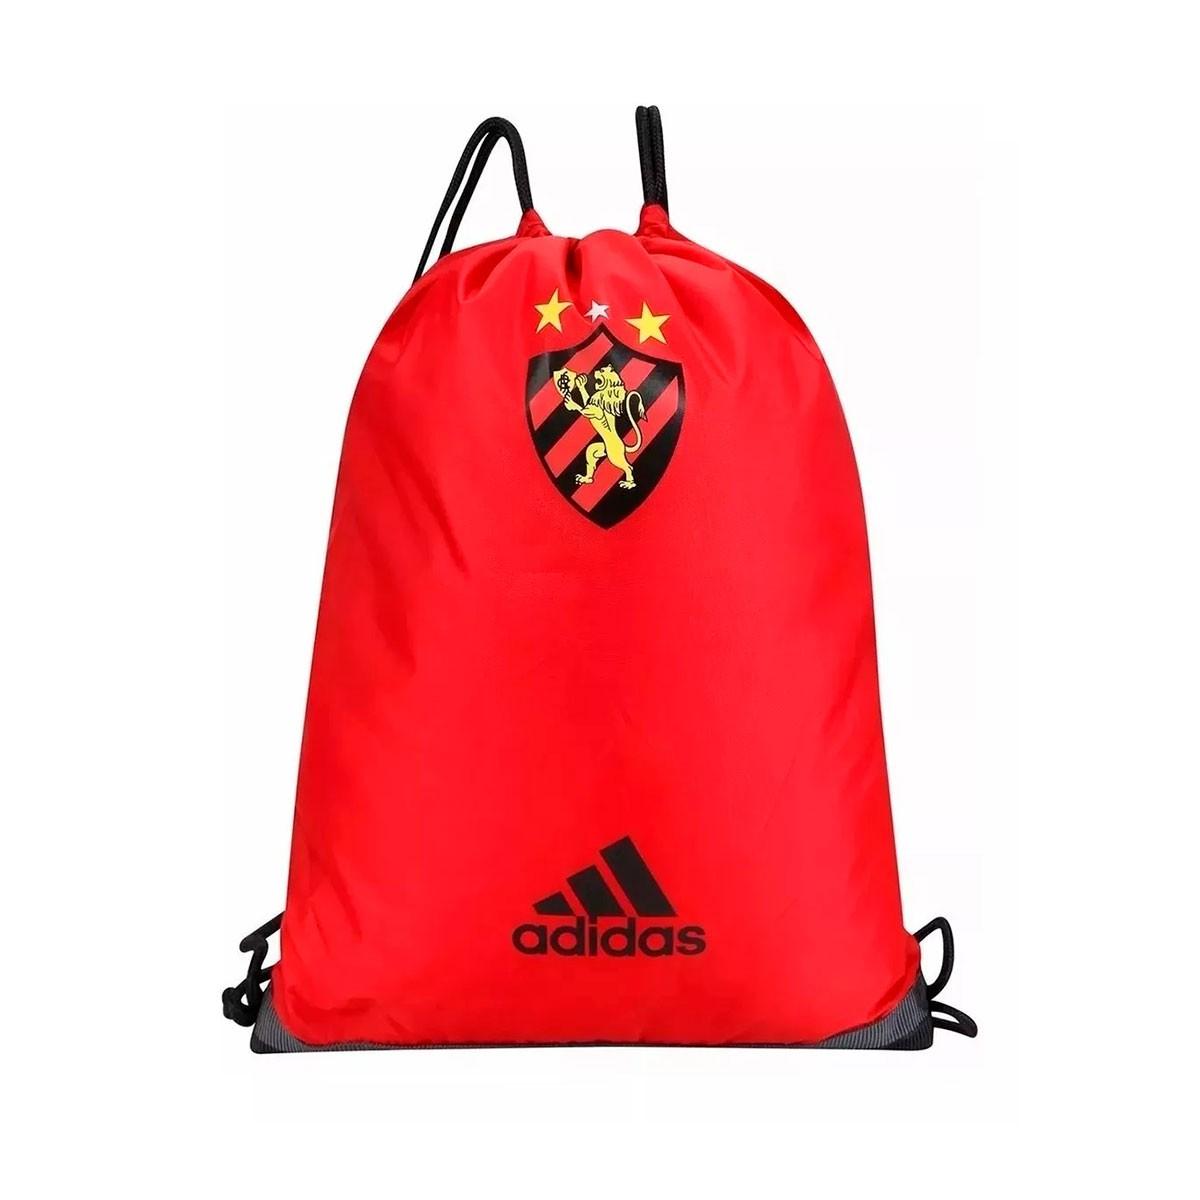 Mochila Sport Recife Adidas Vermelho